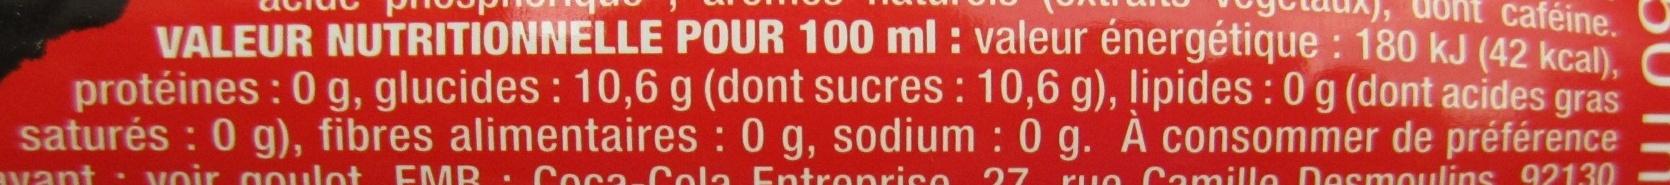 DAVID GUETTA feat Coca Cola - Valori nutrizionali - fr